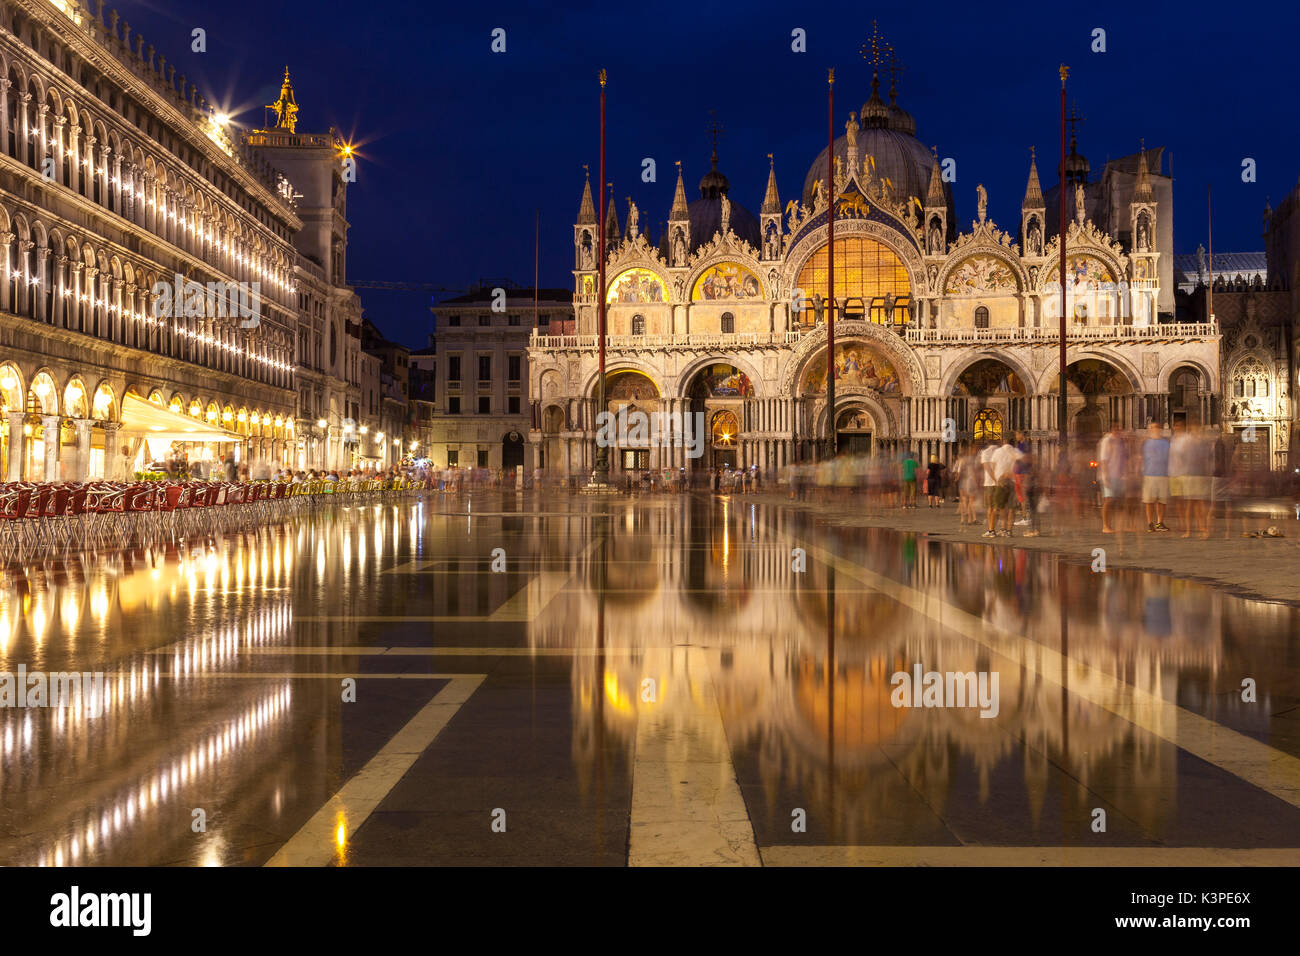 Basilika San Marco bei Nacht beleuchtet während der Blauen Stunde in der Stille Wasser der acqua alta in Piazza San Marco, Venedig, Venetien, Italien mit Stockbild